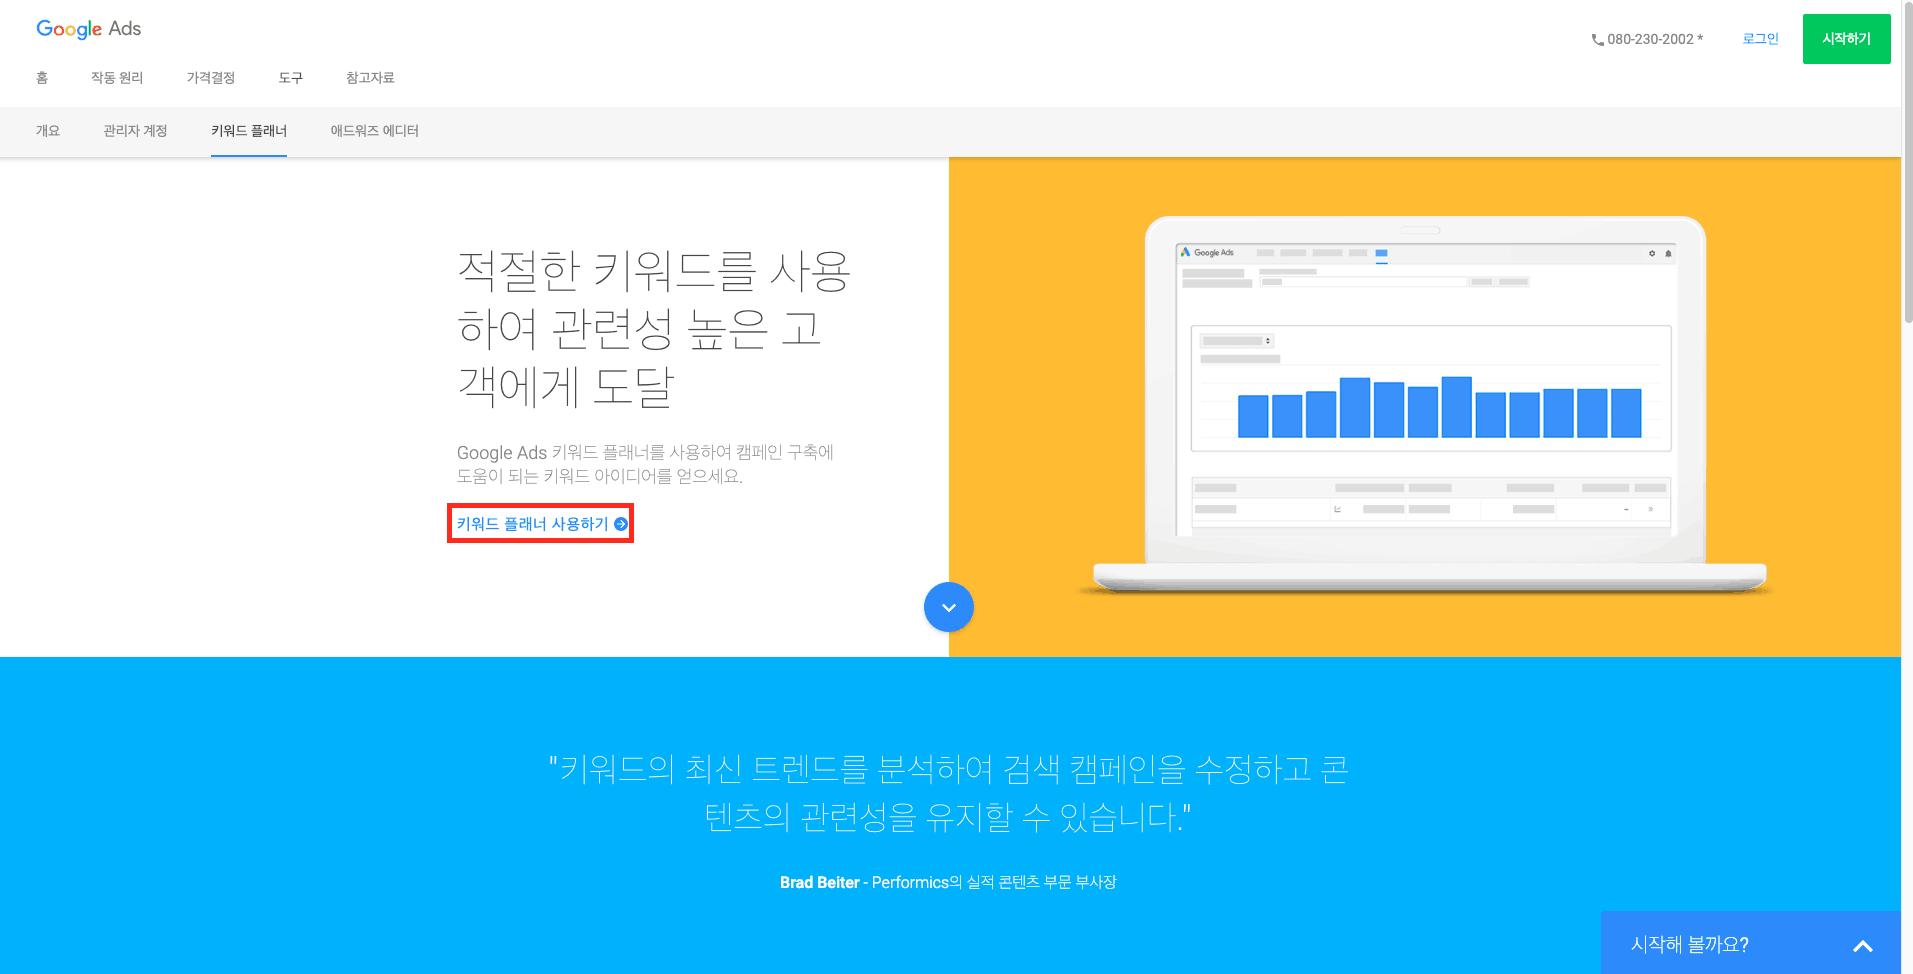 Google Keyword Planner Home